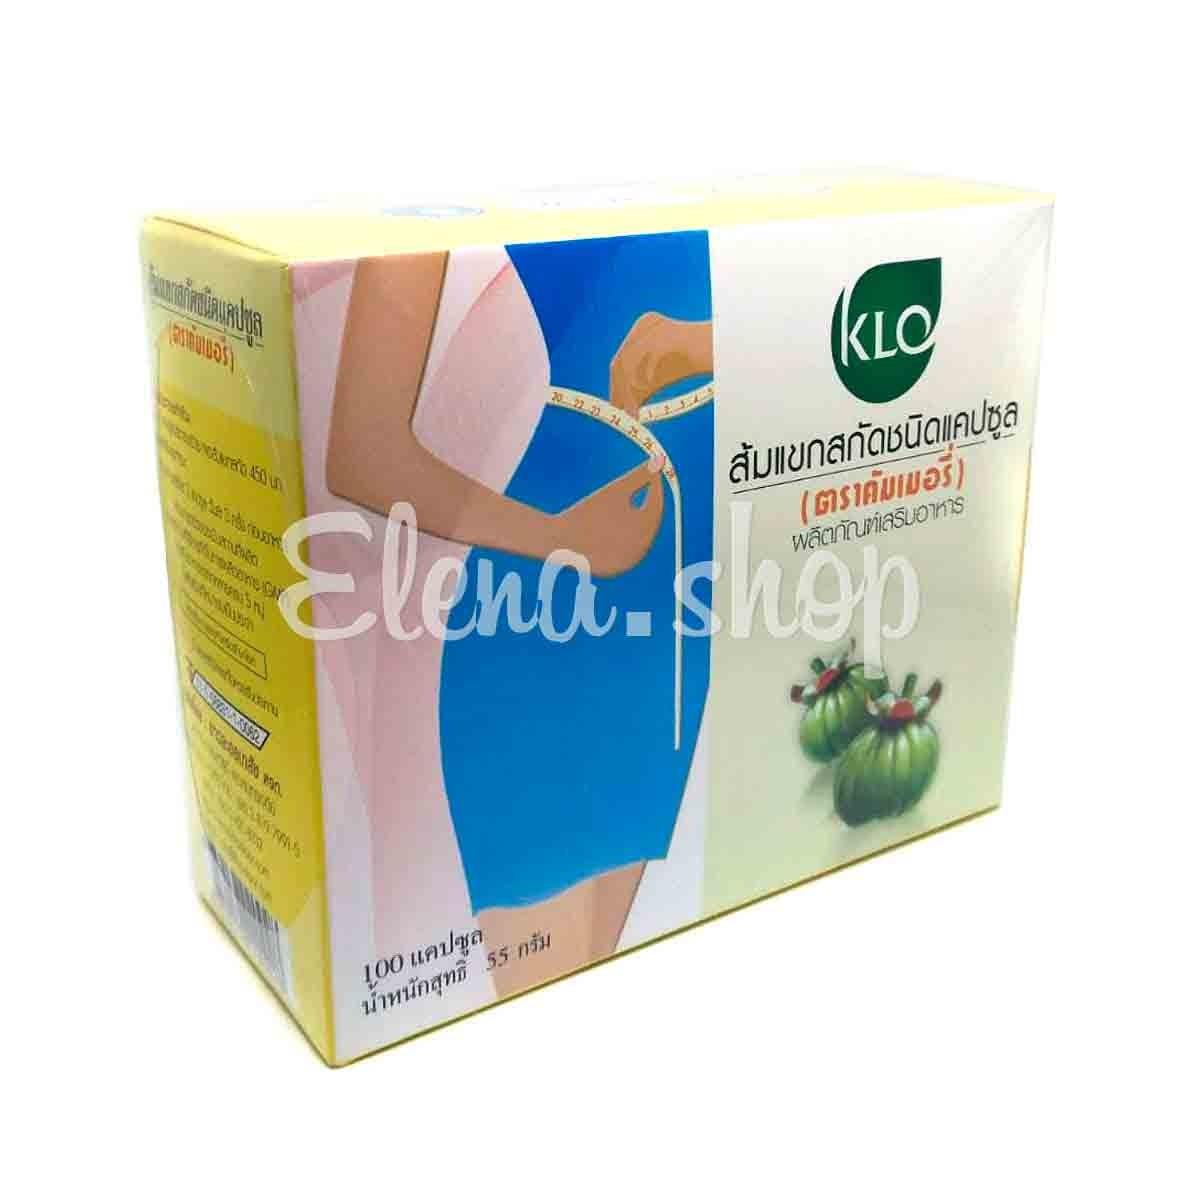 Капсулы для похудения и блокировки углеводов от KHAOLAOR